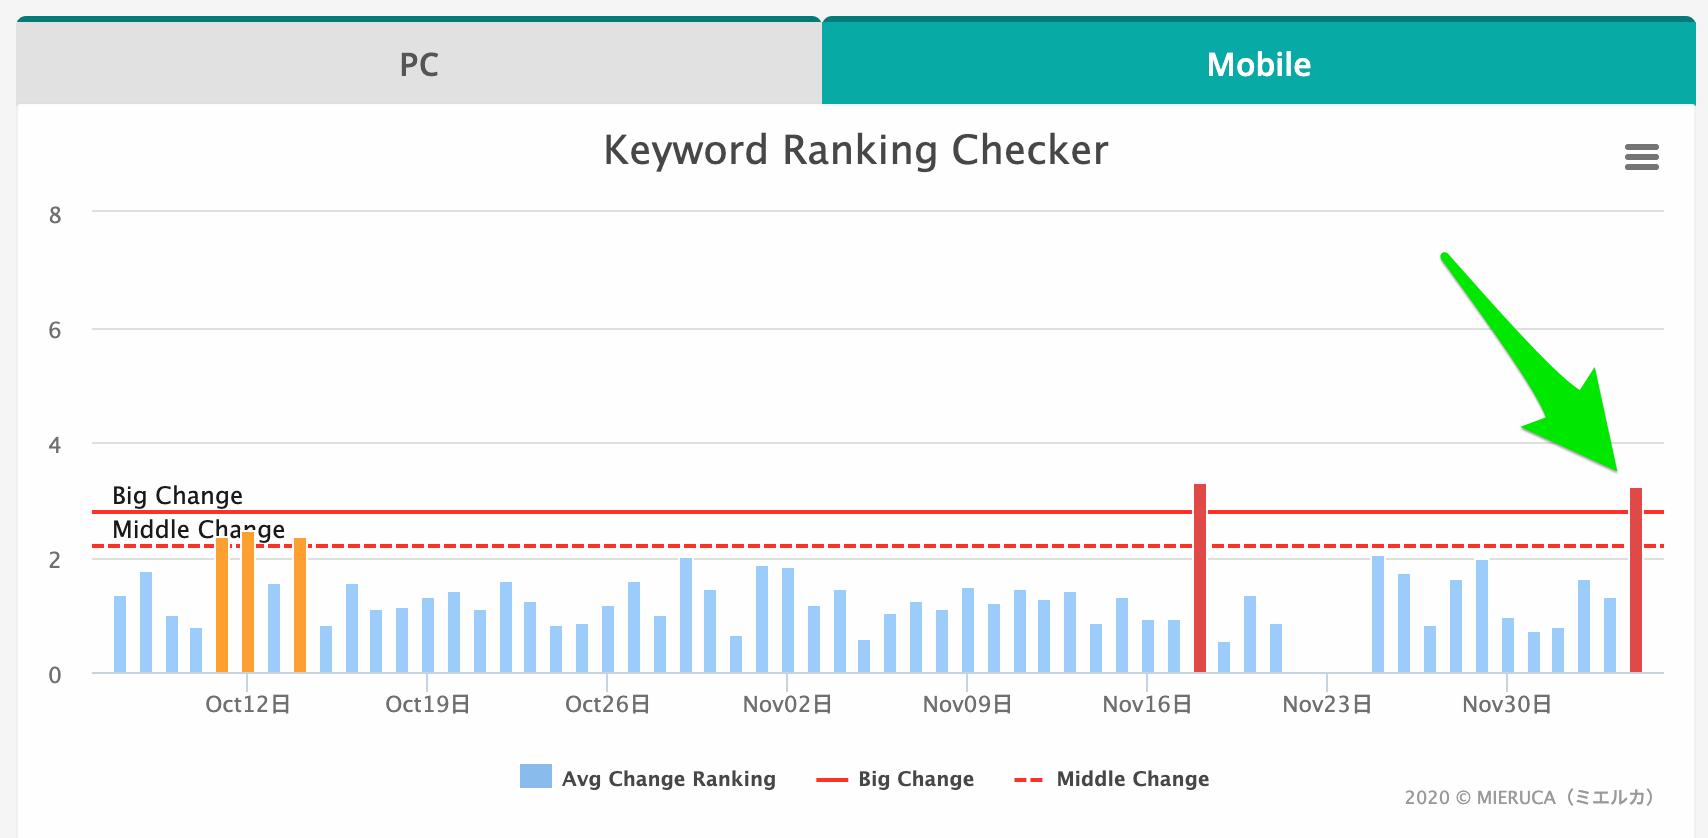 コア アップデート 2020 年 12 月の変動(モバイル検索)